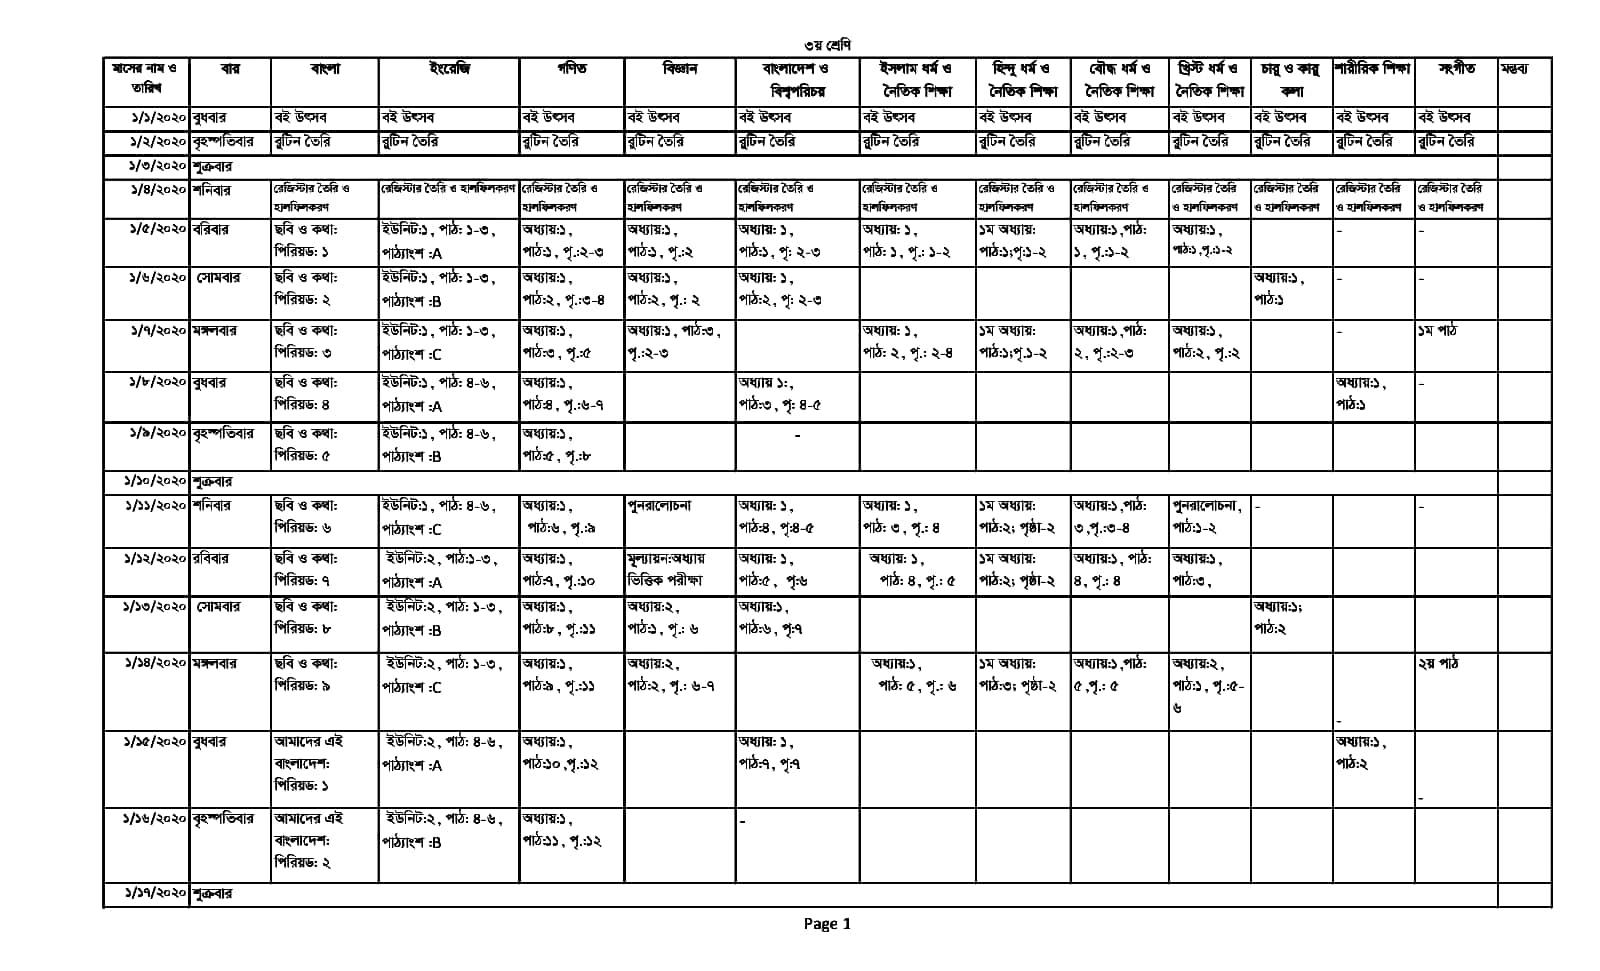 ৩য় শ্রেণির বার্ষিক পাঠ পরিকল্পনা ২০২০ | পাঠ পরিকল্পনা pdf | বার্ষিক পাঠ পরিকল্পনা ২০২০ pdf